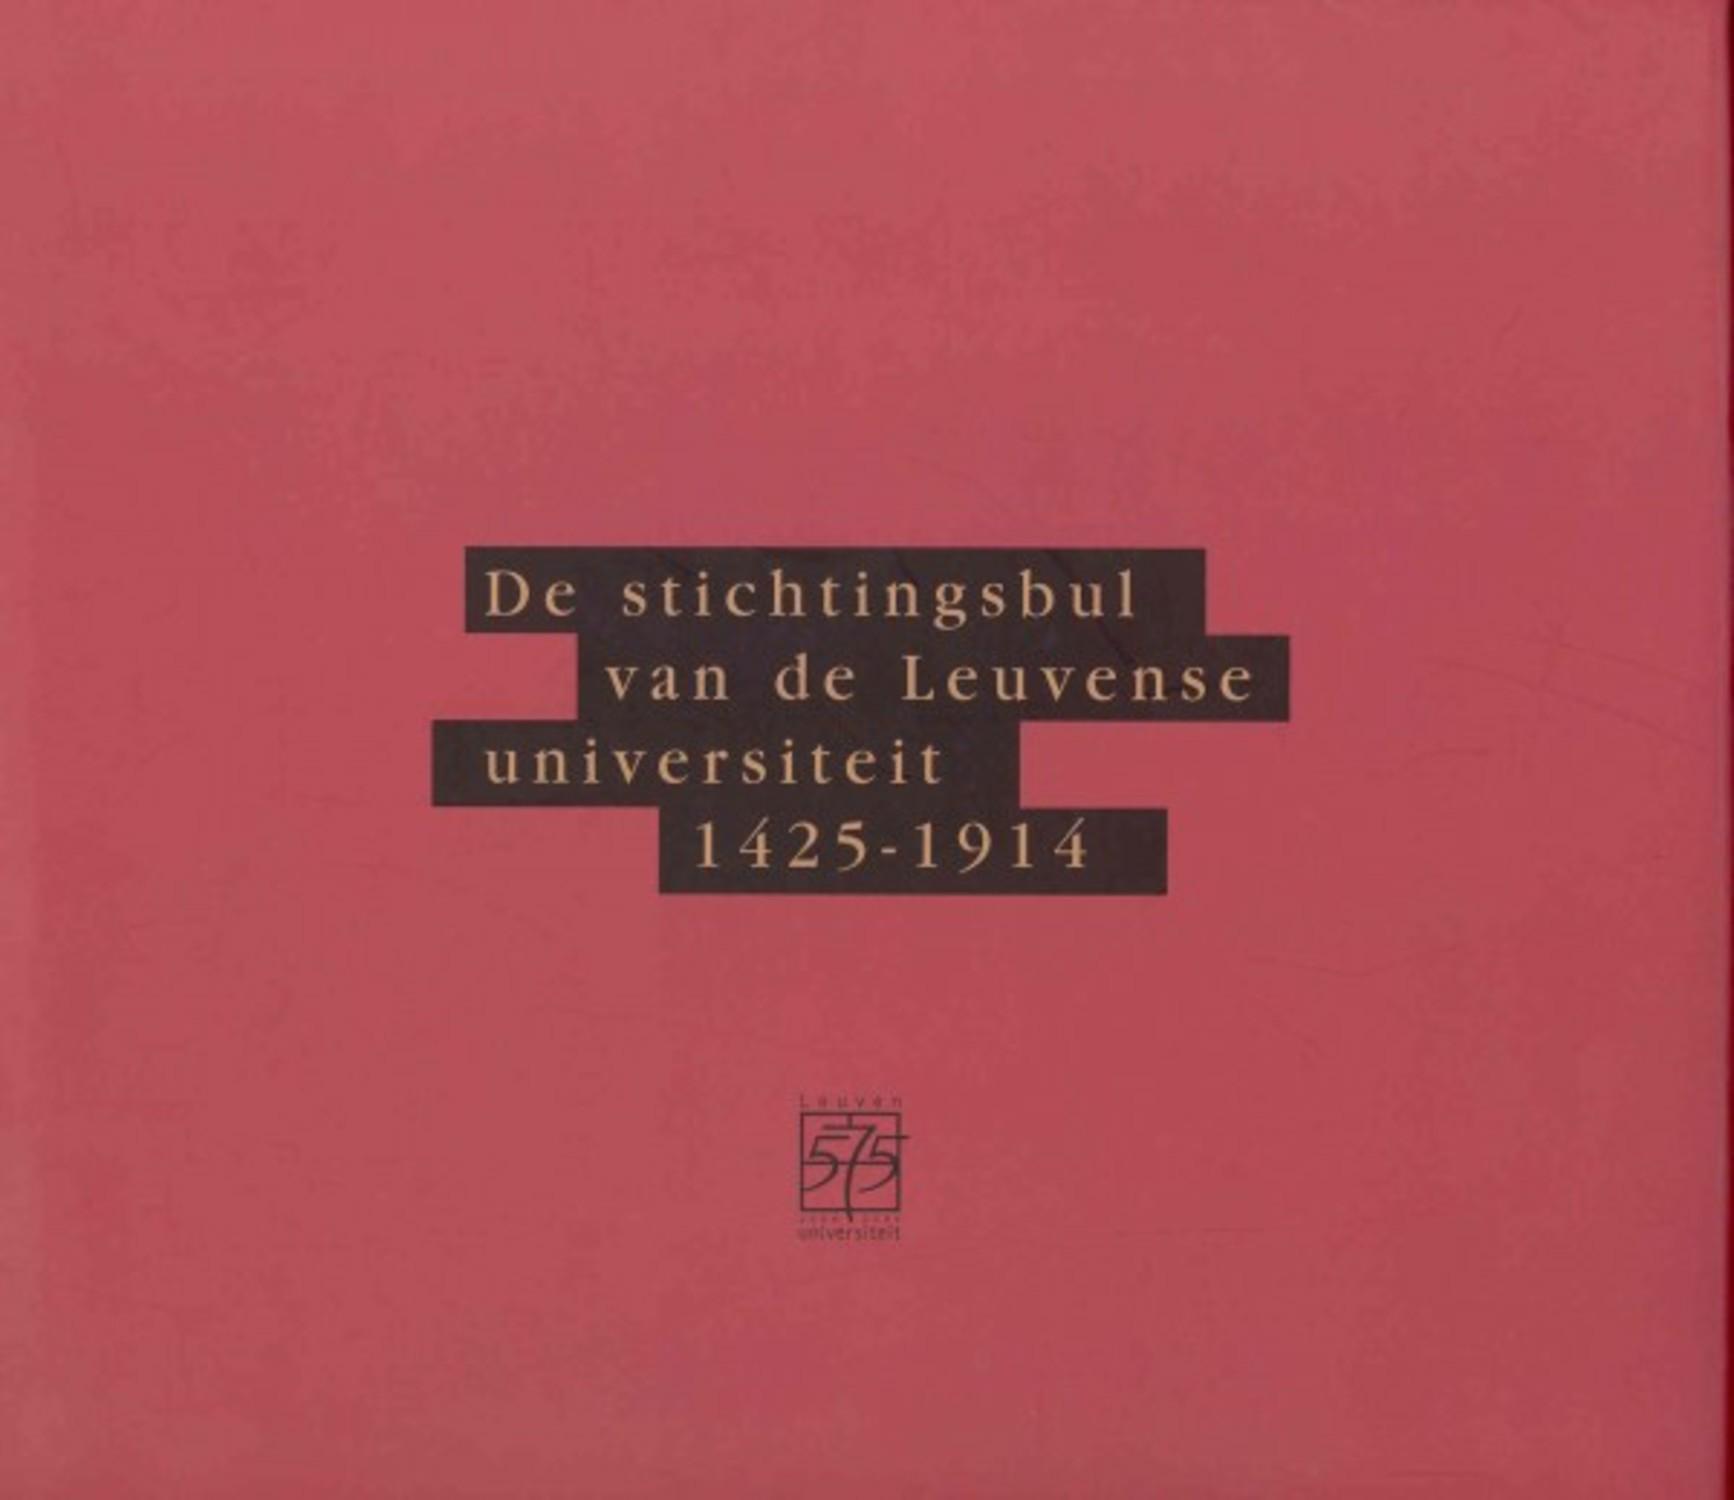 De Stichtingsbul van de Leuvense universiteit, 1425-1914